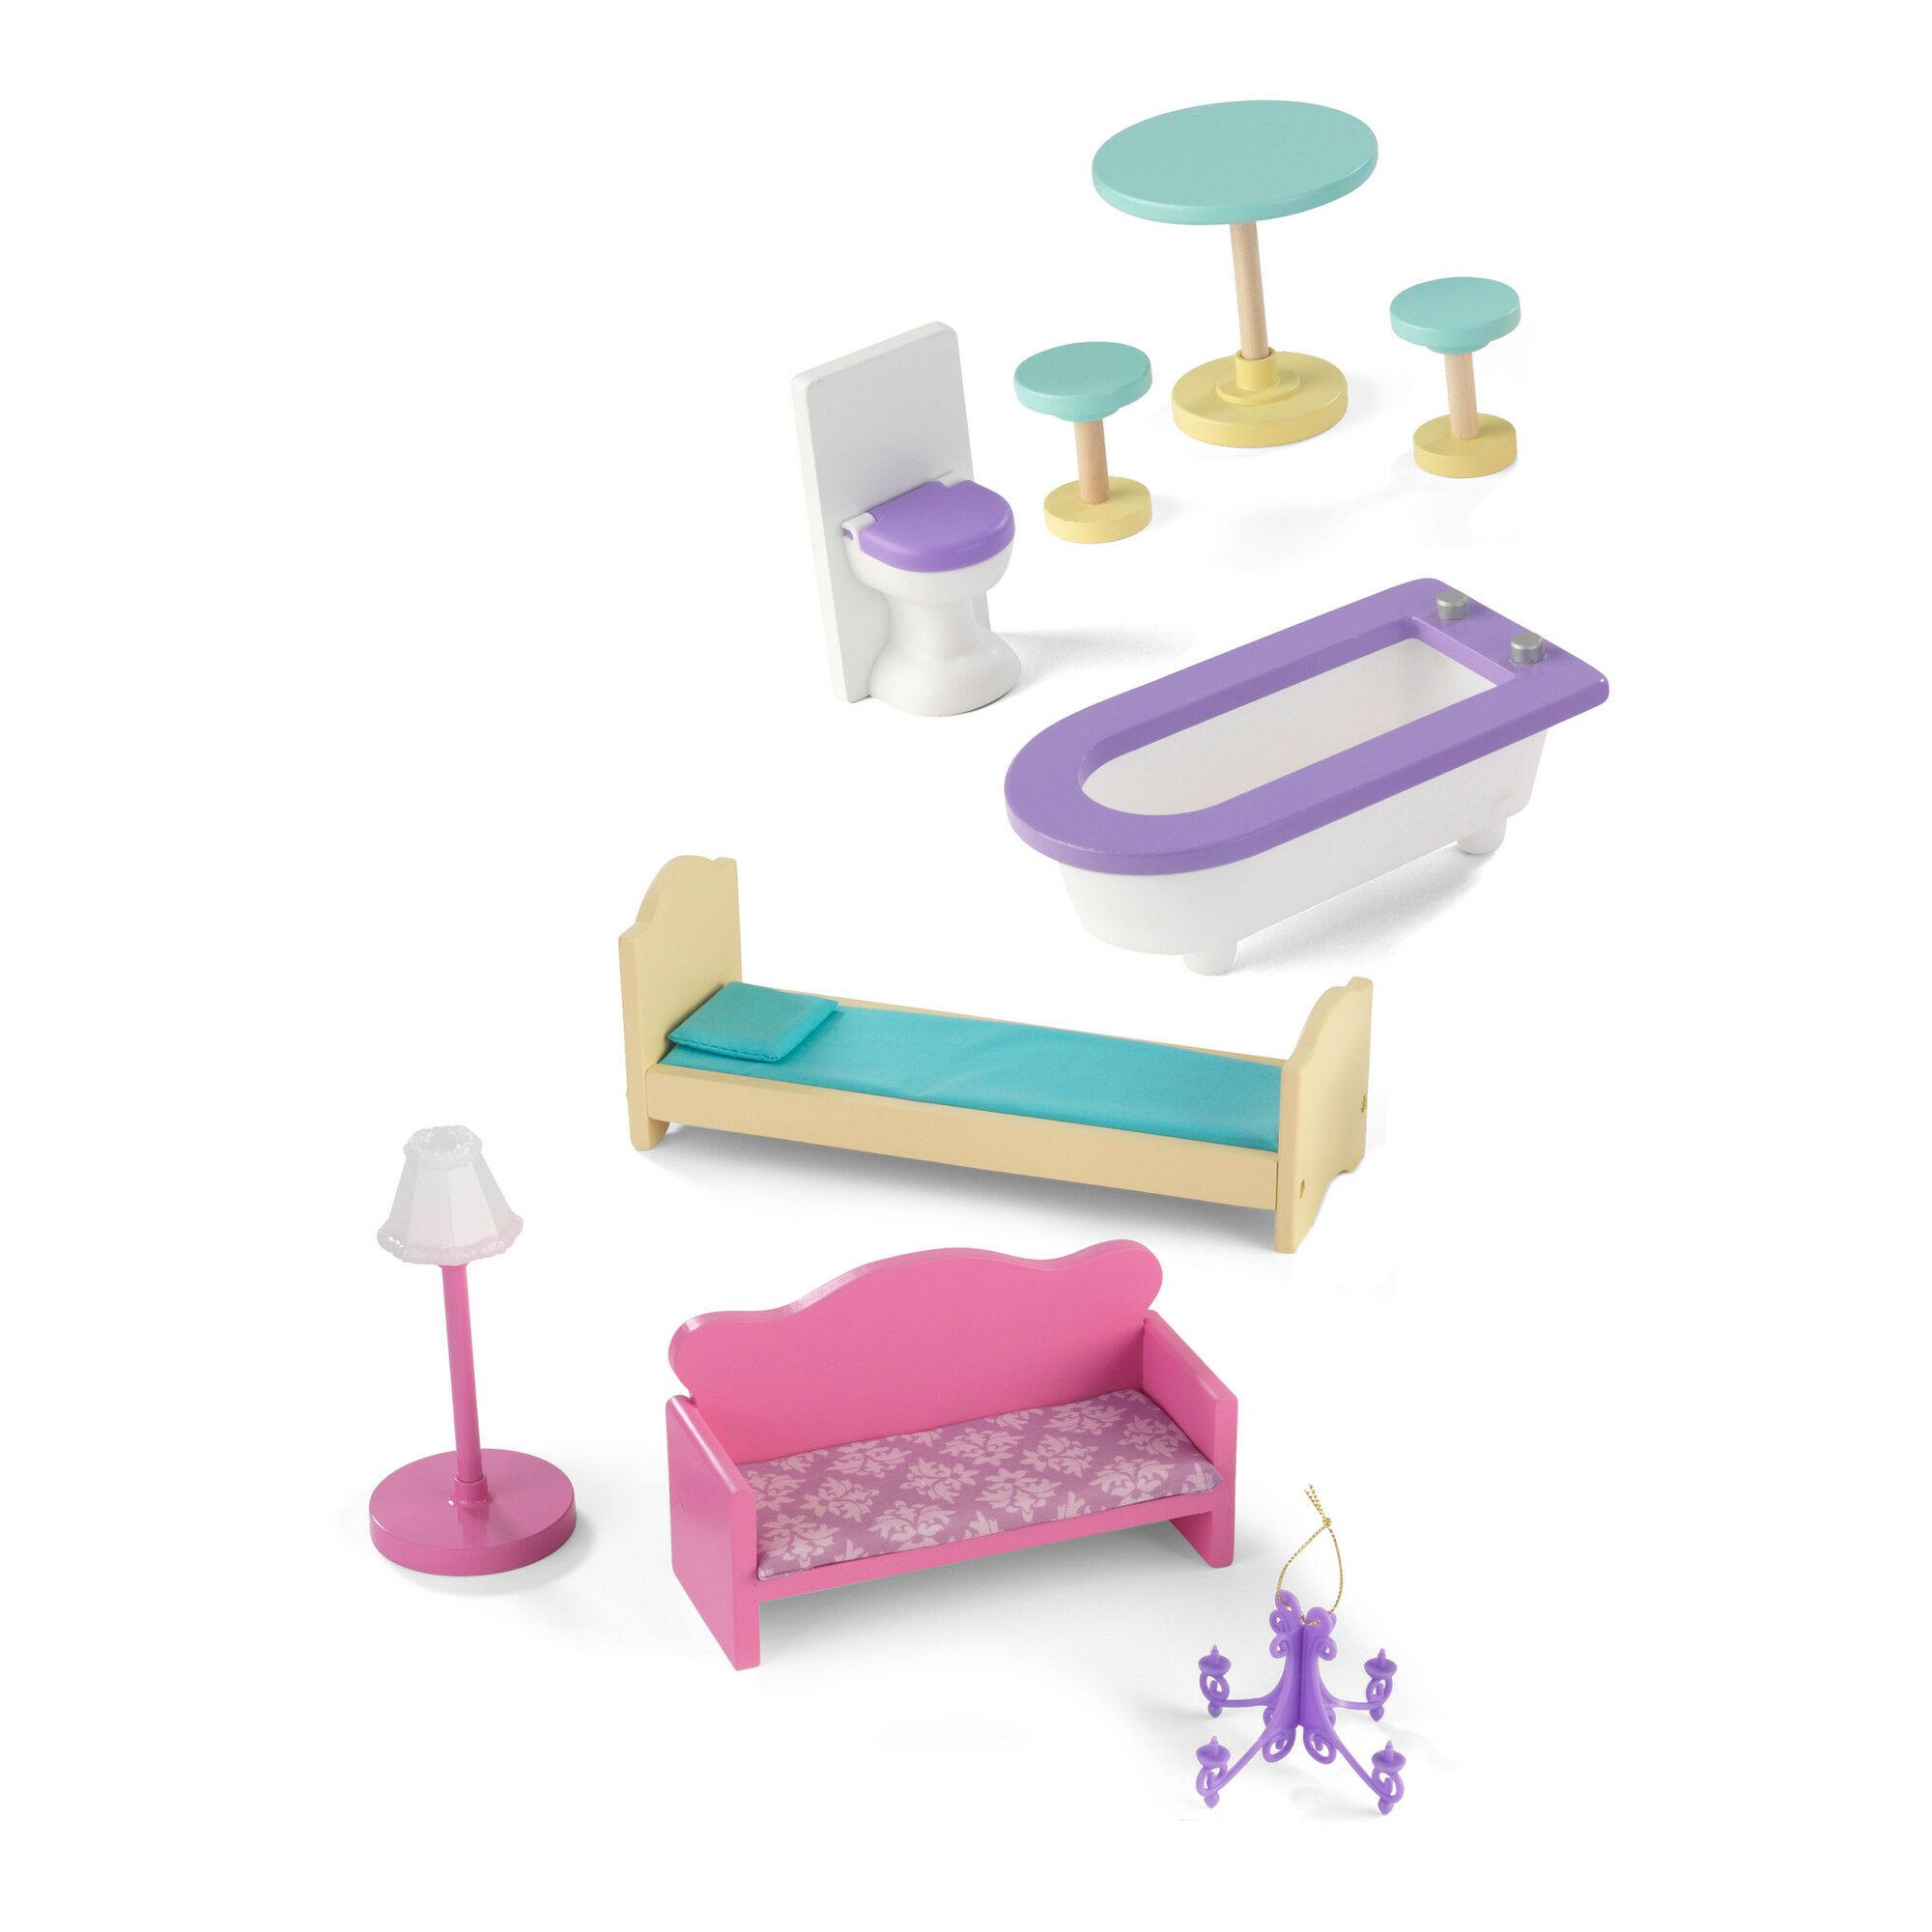 Bild von Puppenhaus Gemma Möbel-Set - Kidkraft (65899)